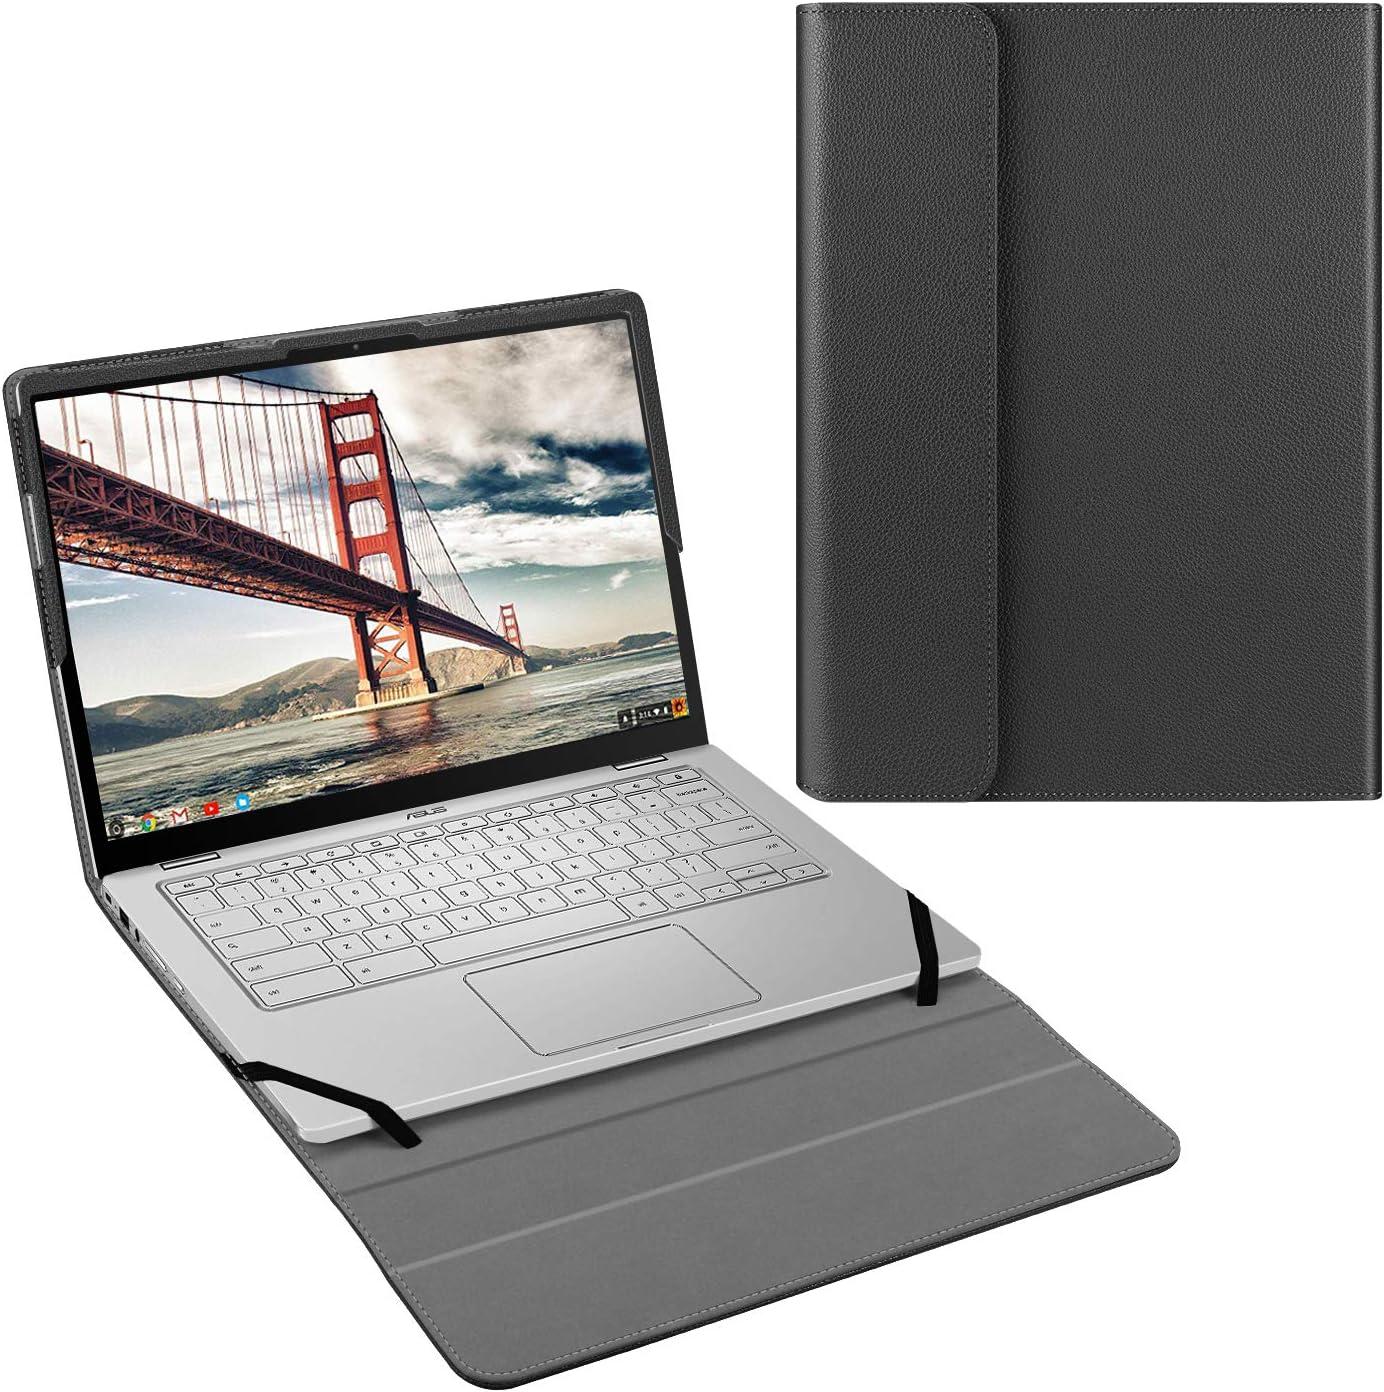 """Fintie Sleeve Case for 14"""" ASUS Chromebook Flip C434 C434TA - Premium PU Leather Protective Portfolio Book Cover (NOT Fit 14"""" ASUS Chromebook C403NA / C423NA / C425 Clamshell), Black"""